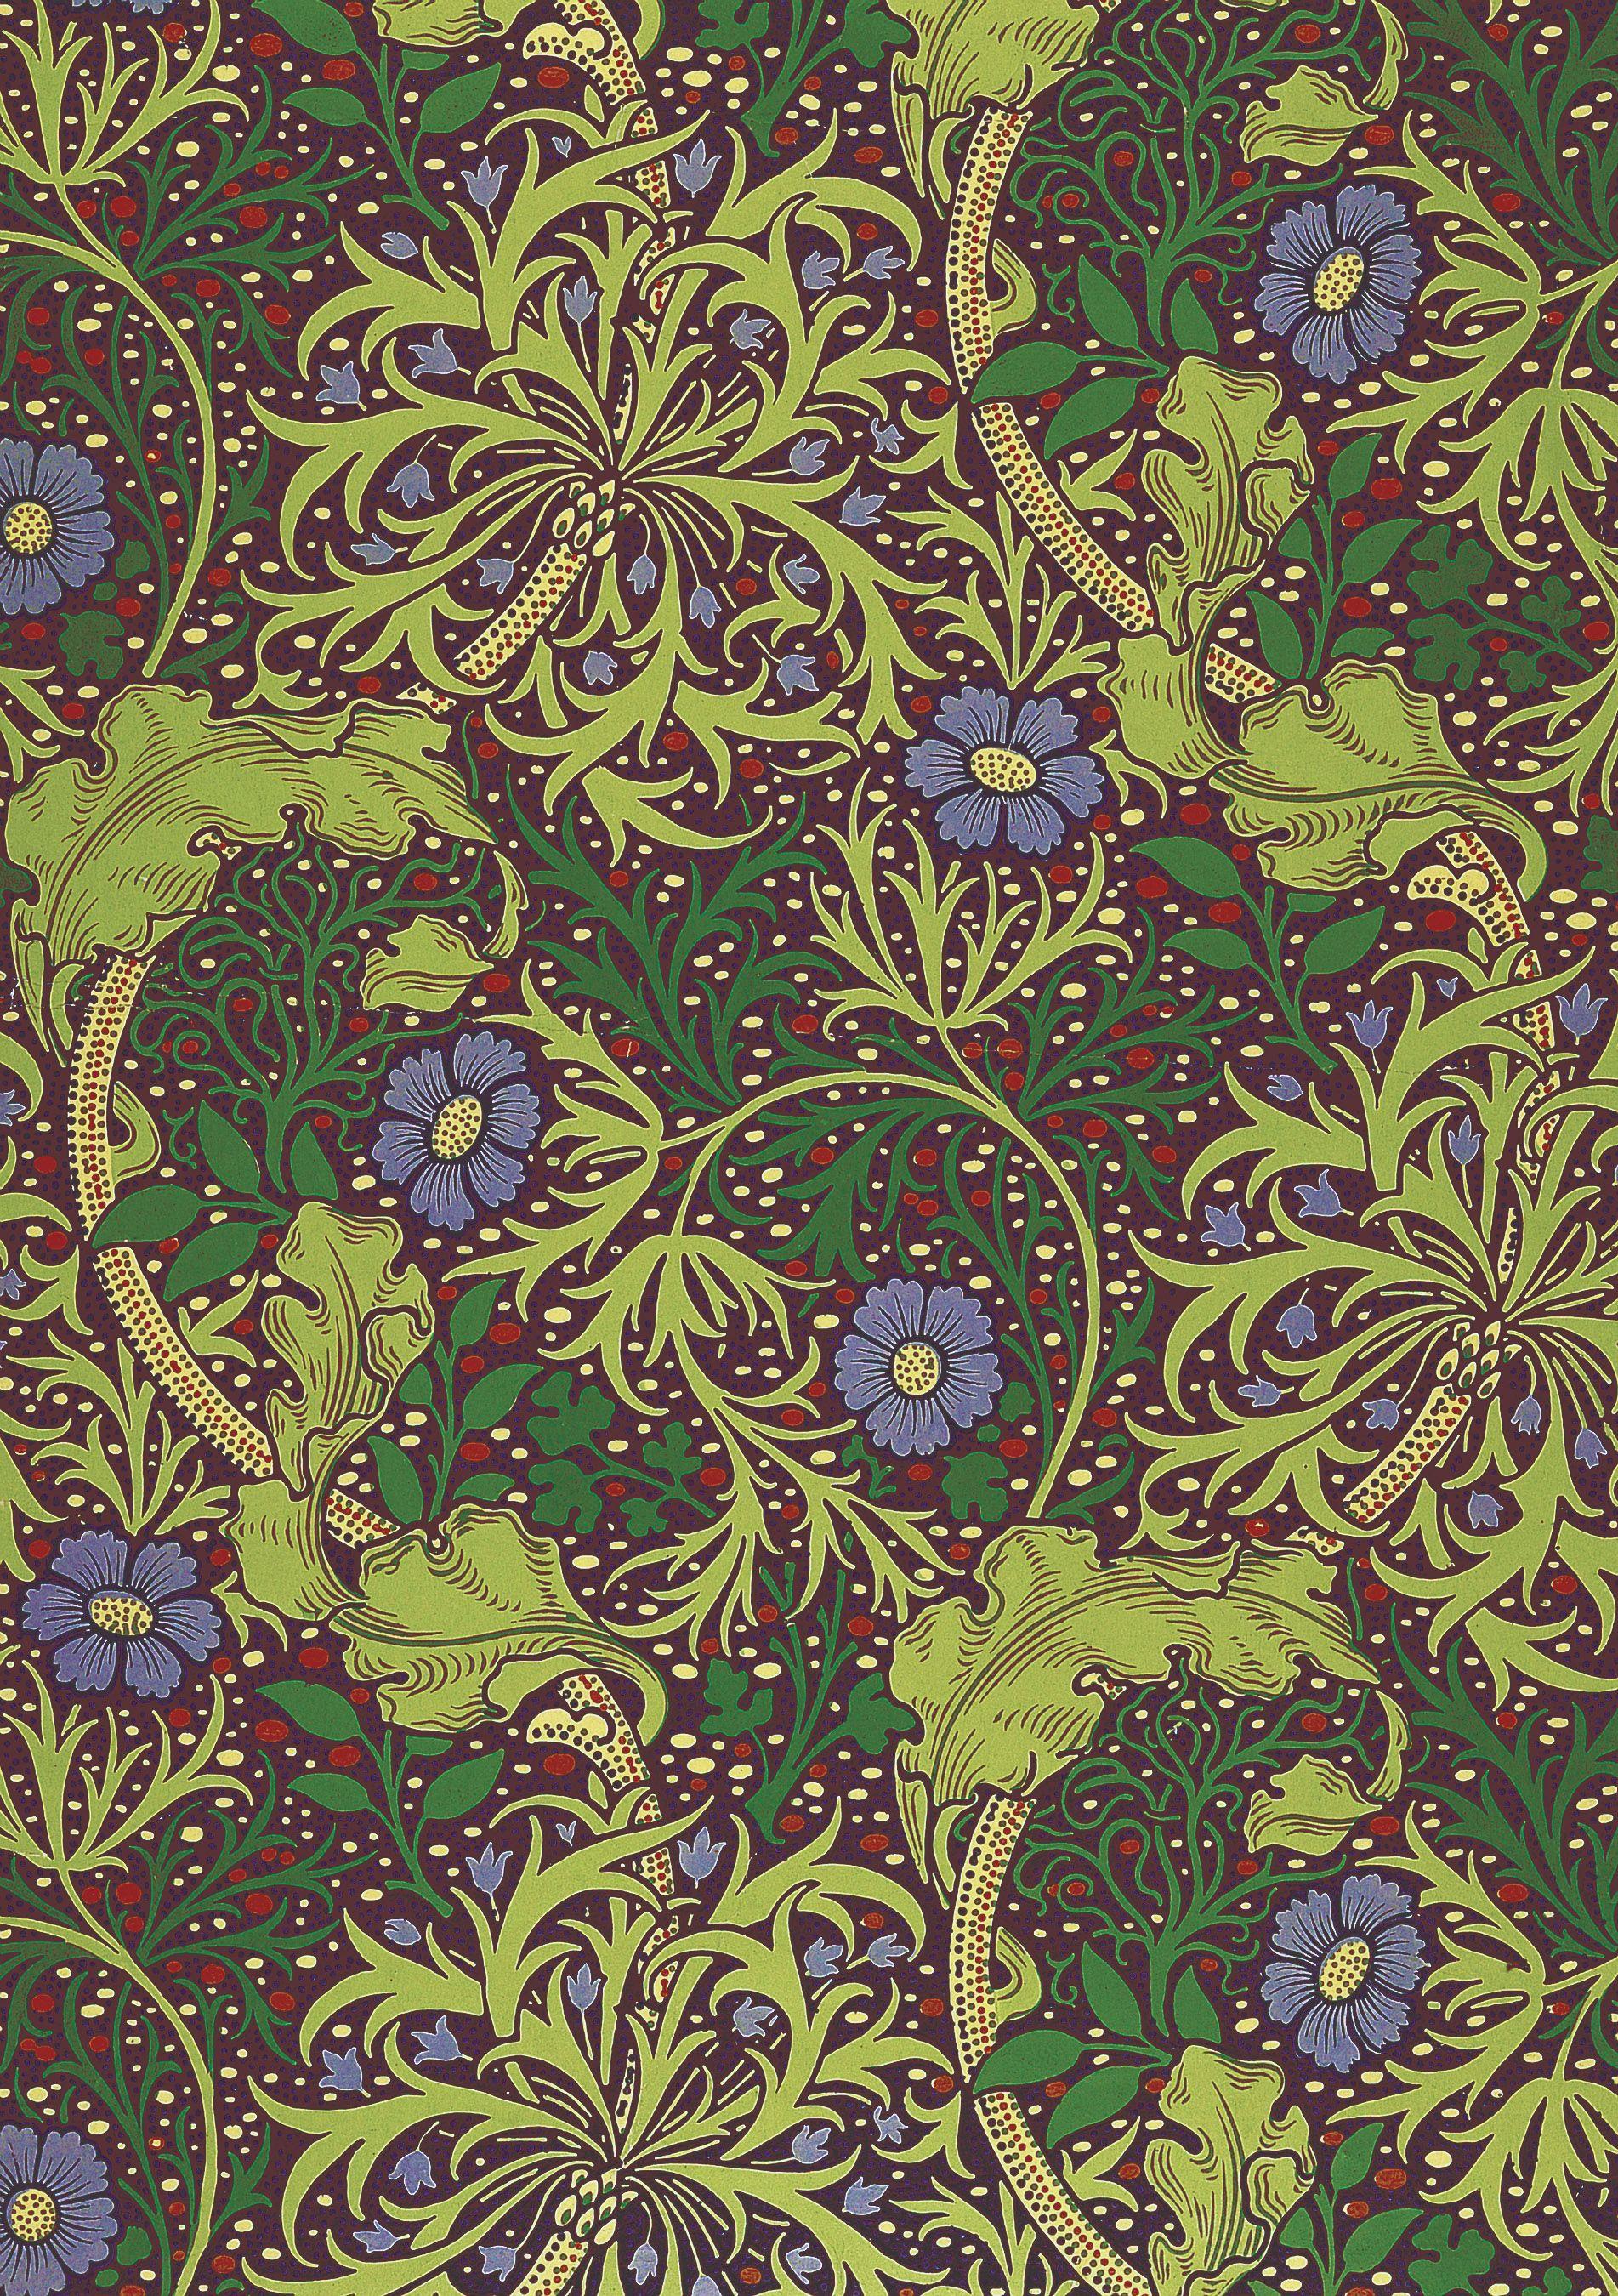 Recolor William Morris Print William Morris Designs William